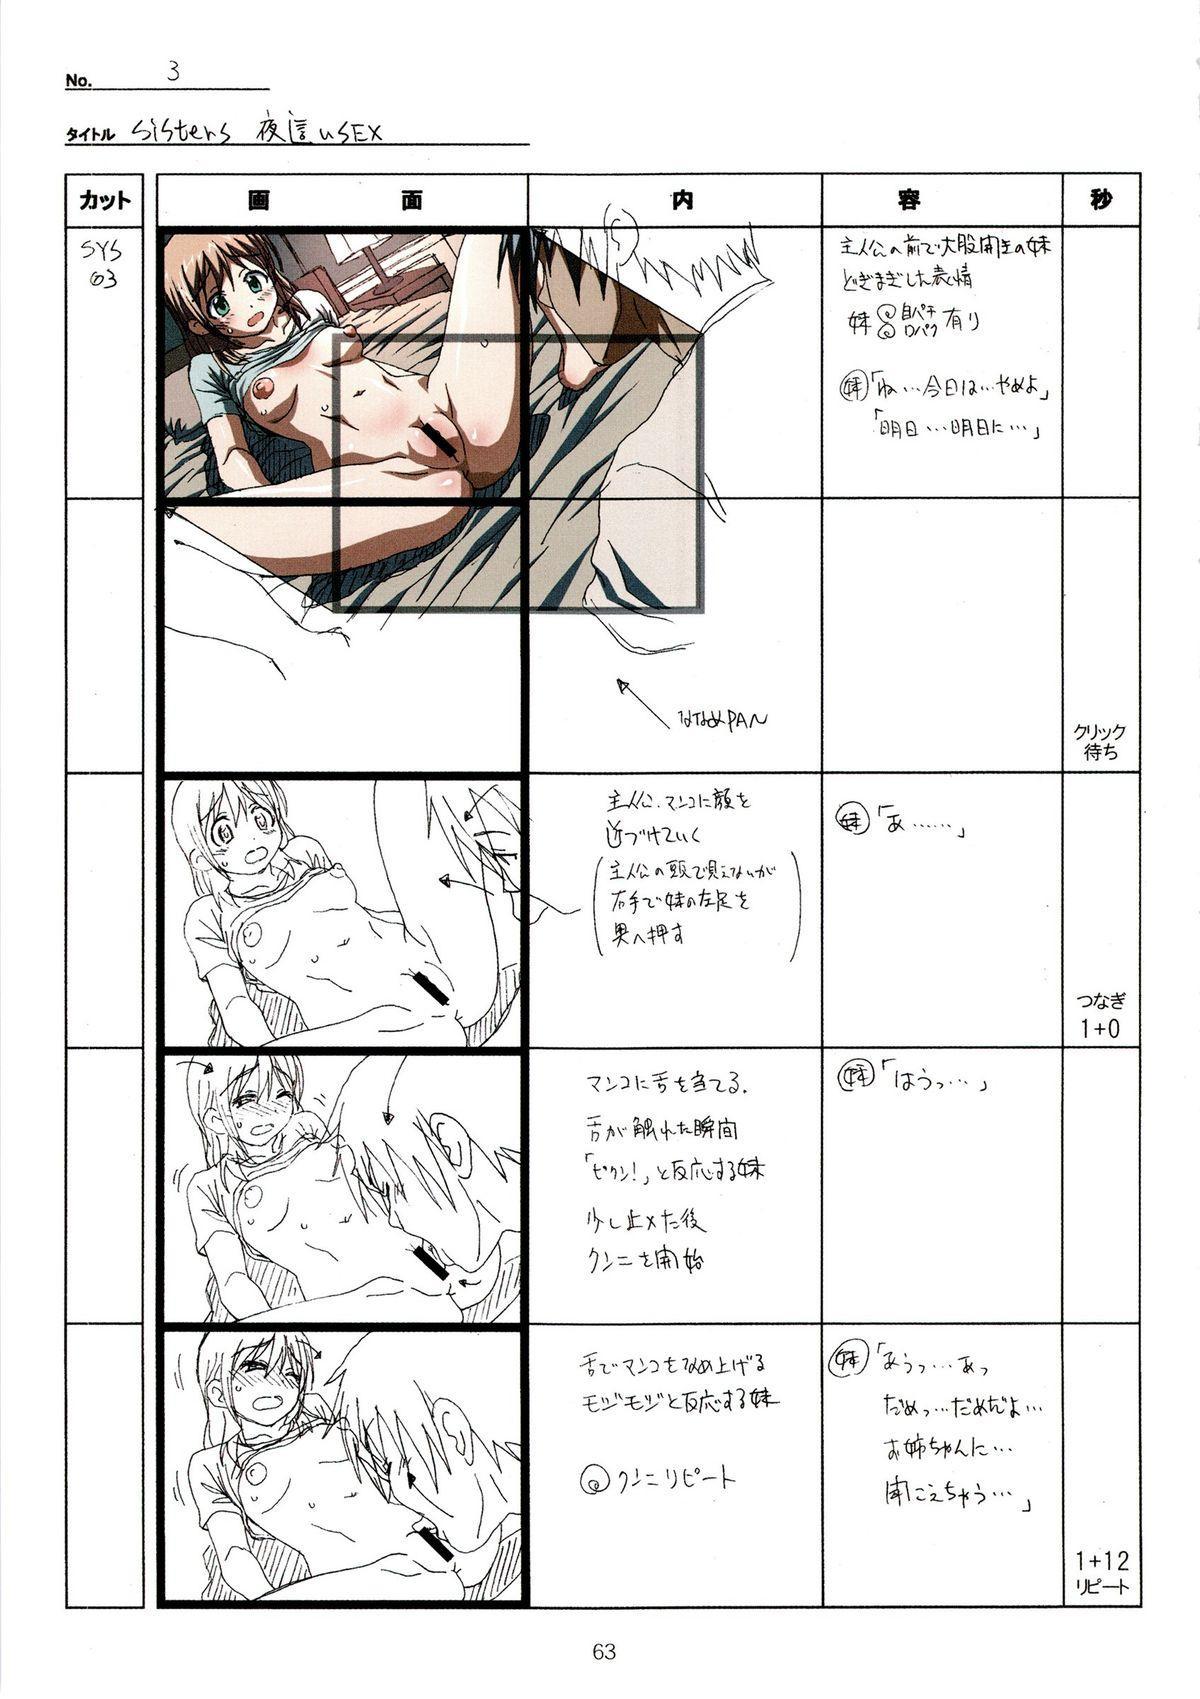 (C89) [Makino Jimusho (Taki Minashika)] SISTERS -Natsu no Saigo no Hi- H Scene All Part Storyboard (SISTERS -Natsu no Saigo no Hi-) 62